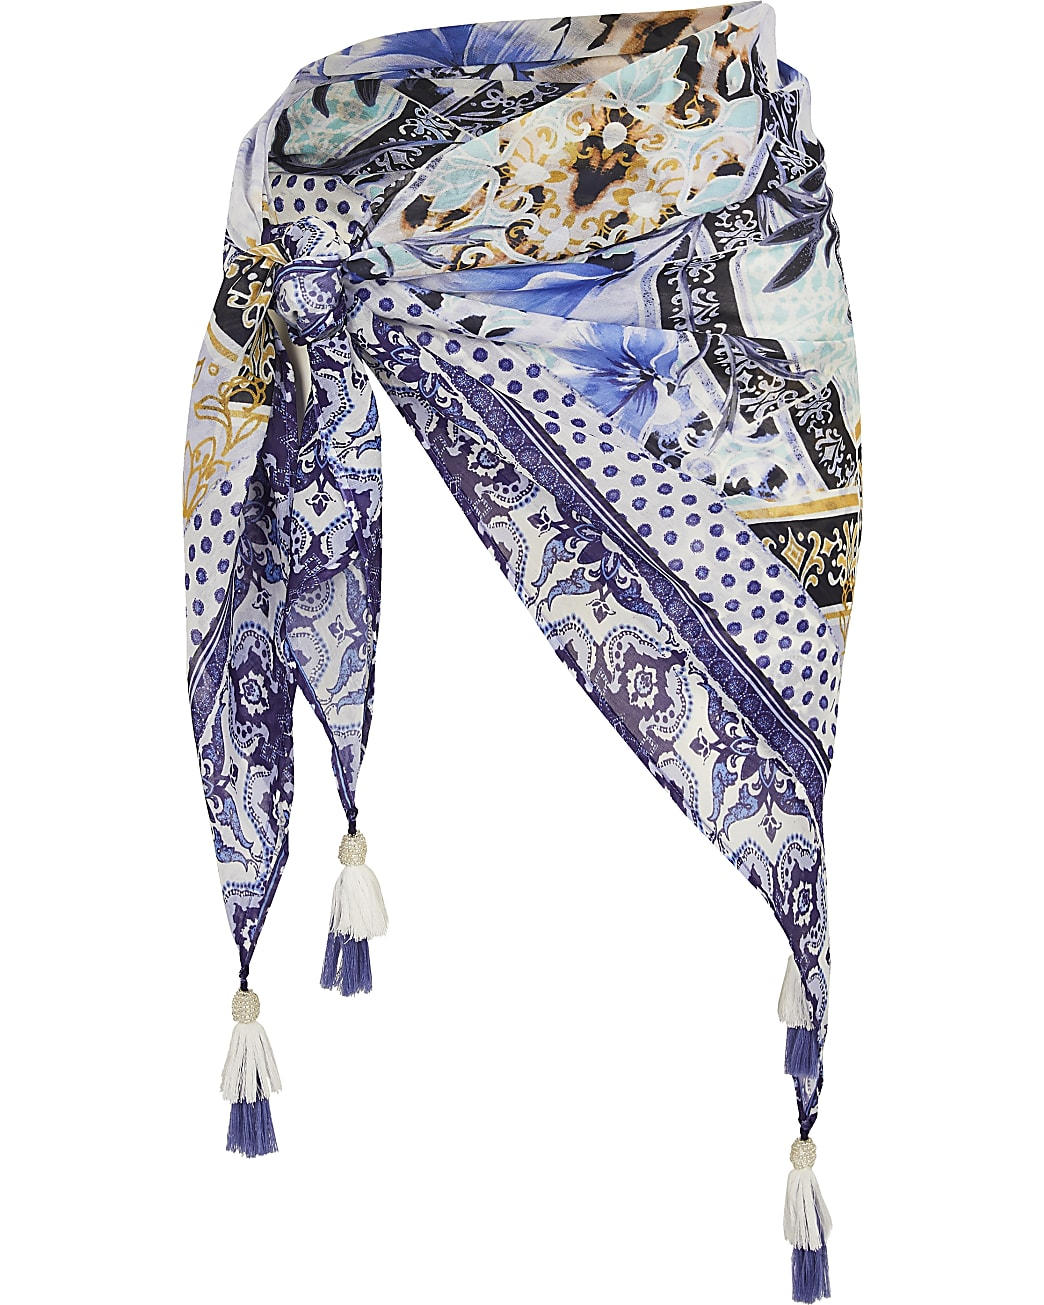 Plus blue floral print beach sarong